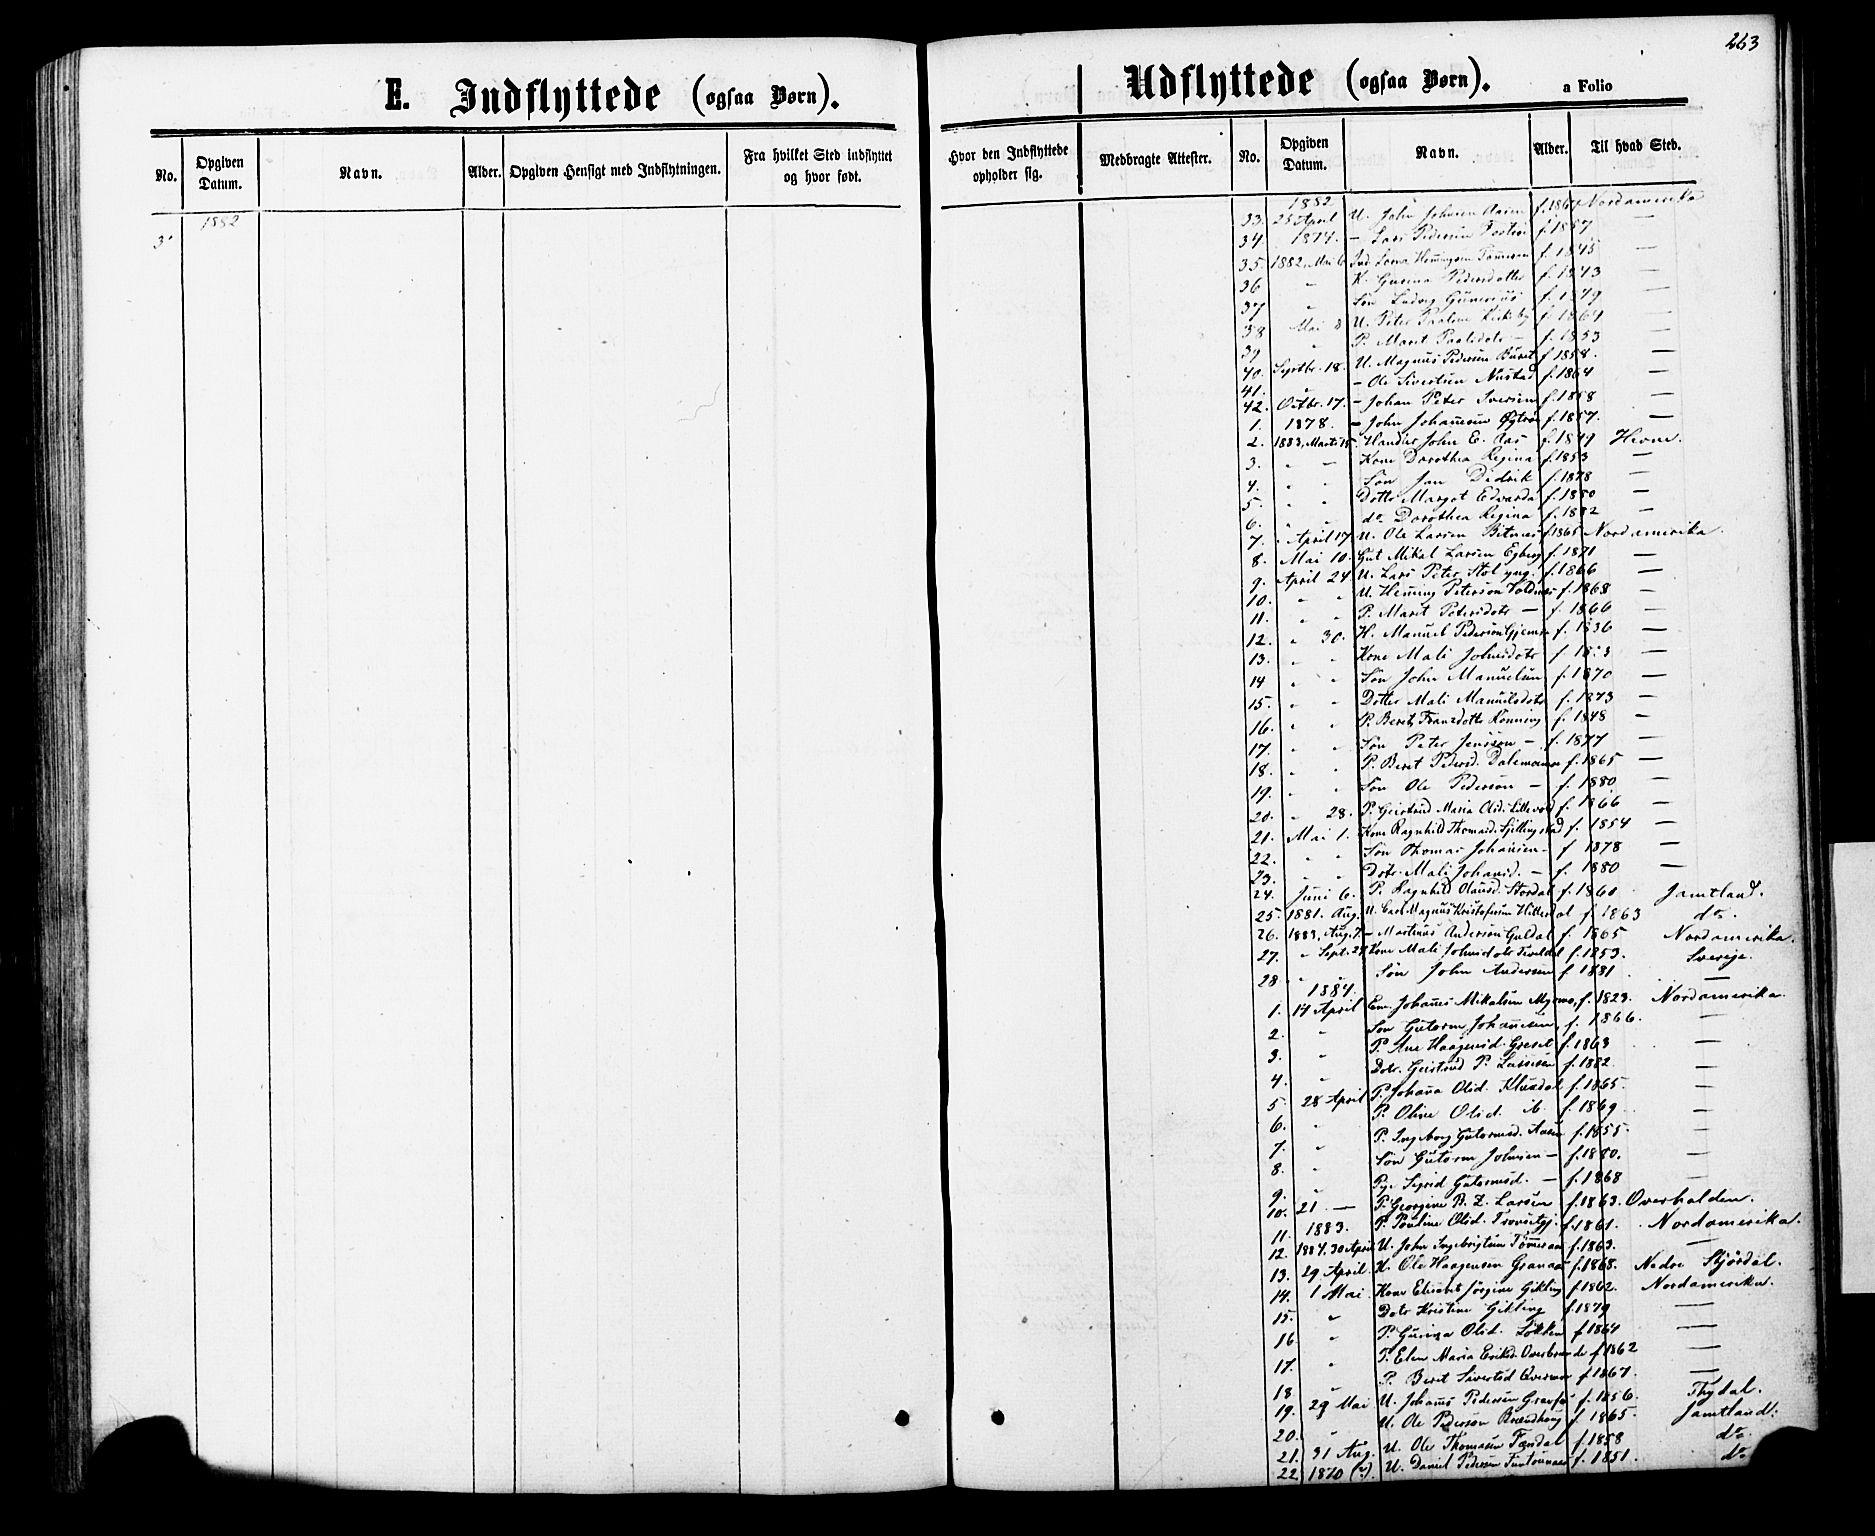 SAT, Ministerialprotokoller, klokkerbøker og fødselsregistre - Nord-Trøndelag, 706/L0049: Klokkerbok nr. 706C01, 1864-1895, s. 263